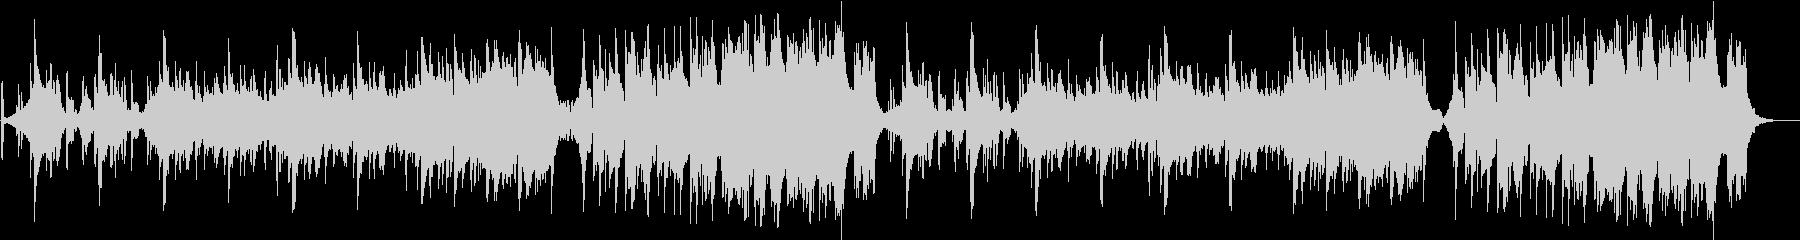 クールなフュージョン曲の未再生の波形